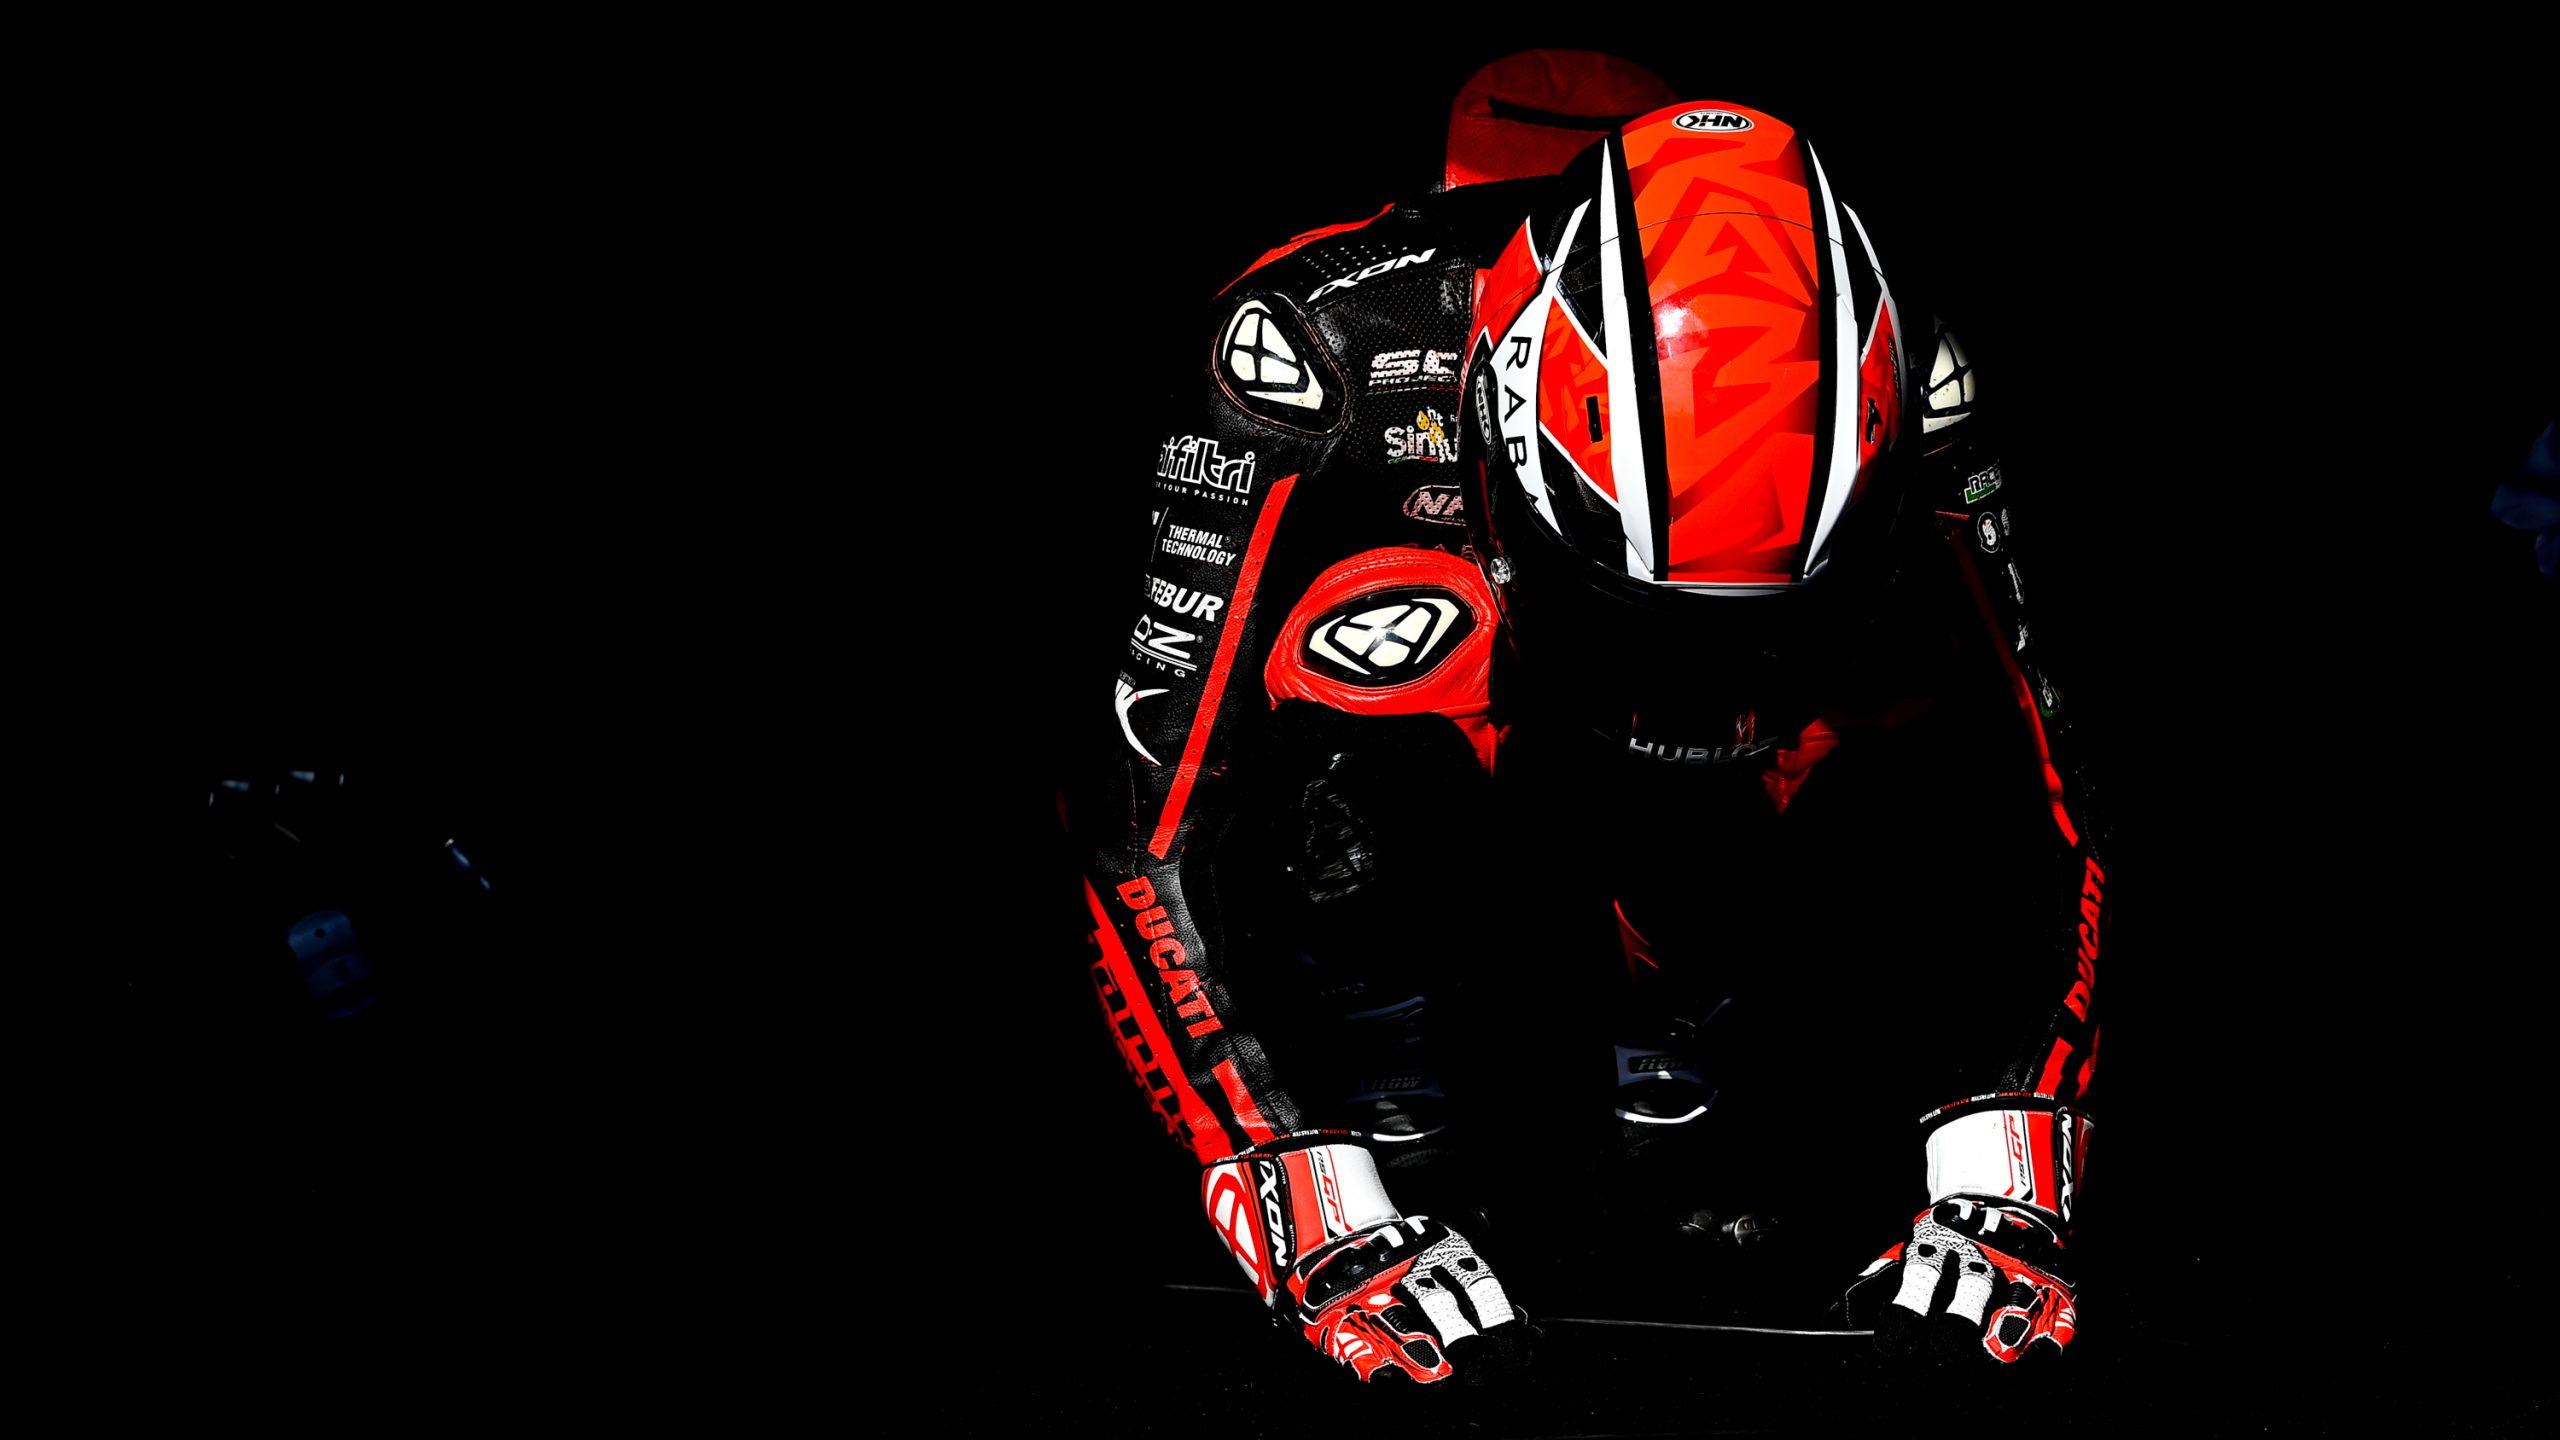 Tito Rabat Barni Racing